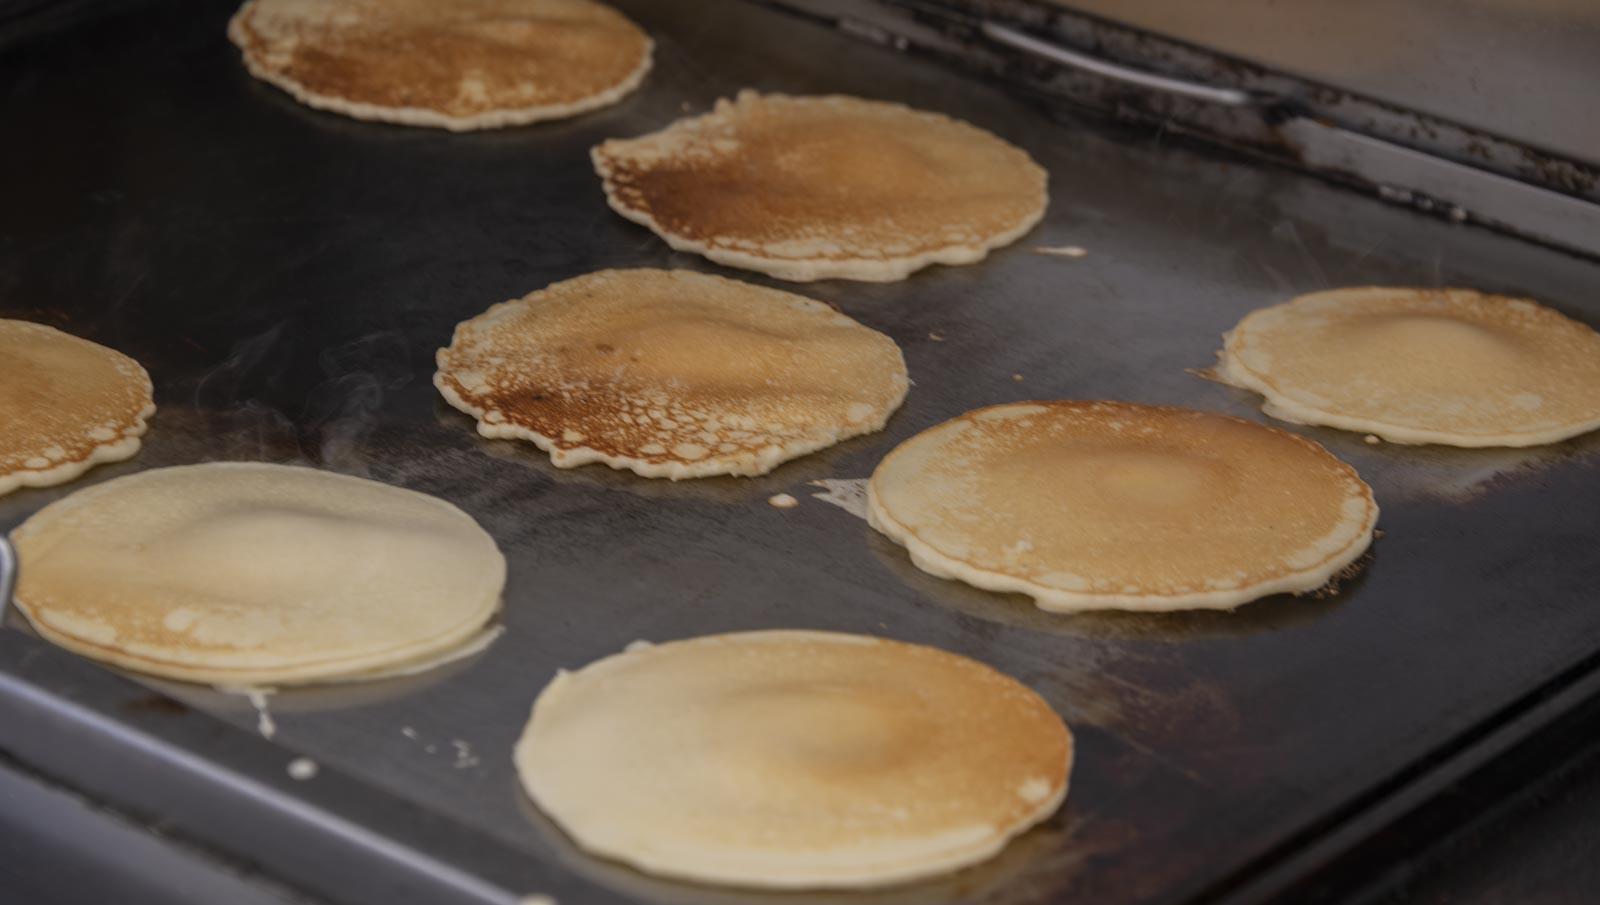 Toluca Lake Pancake Breakfast 2019-20